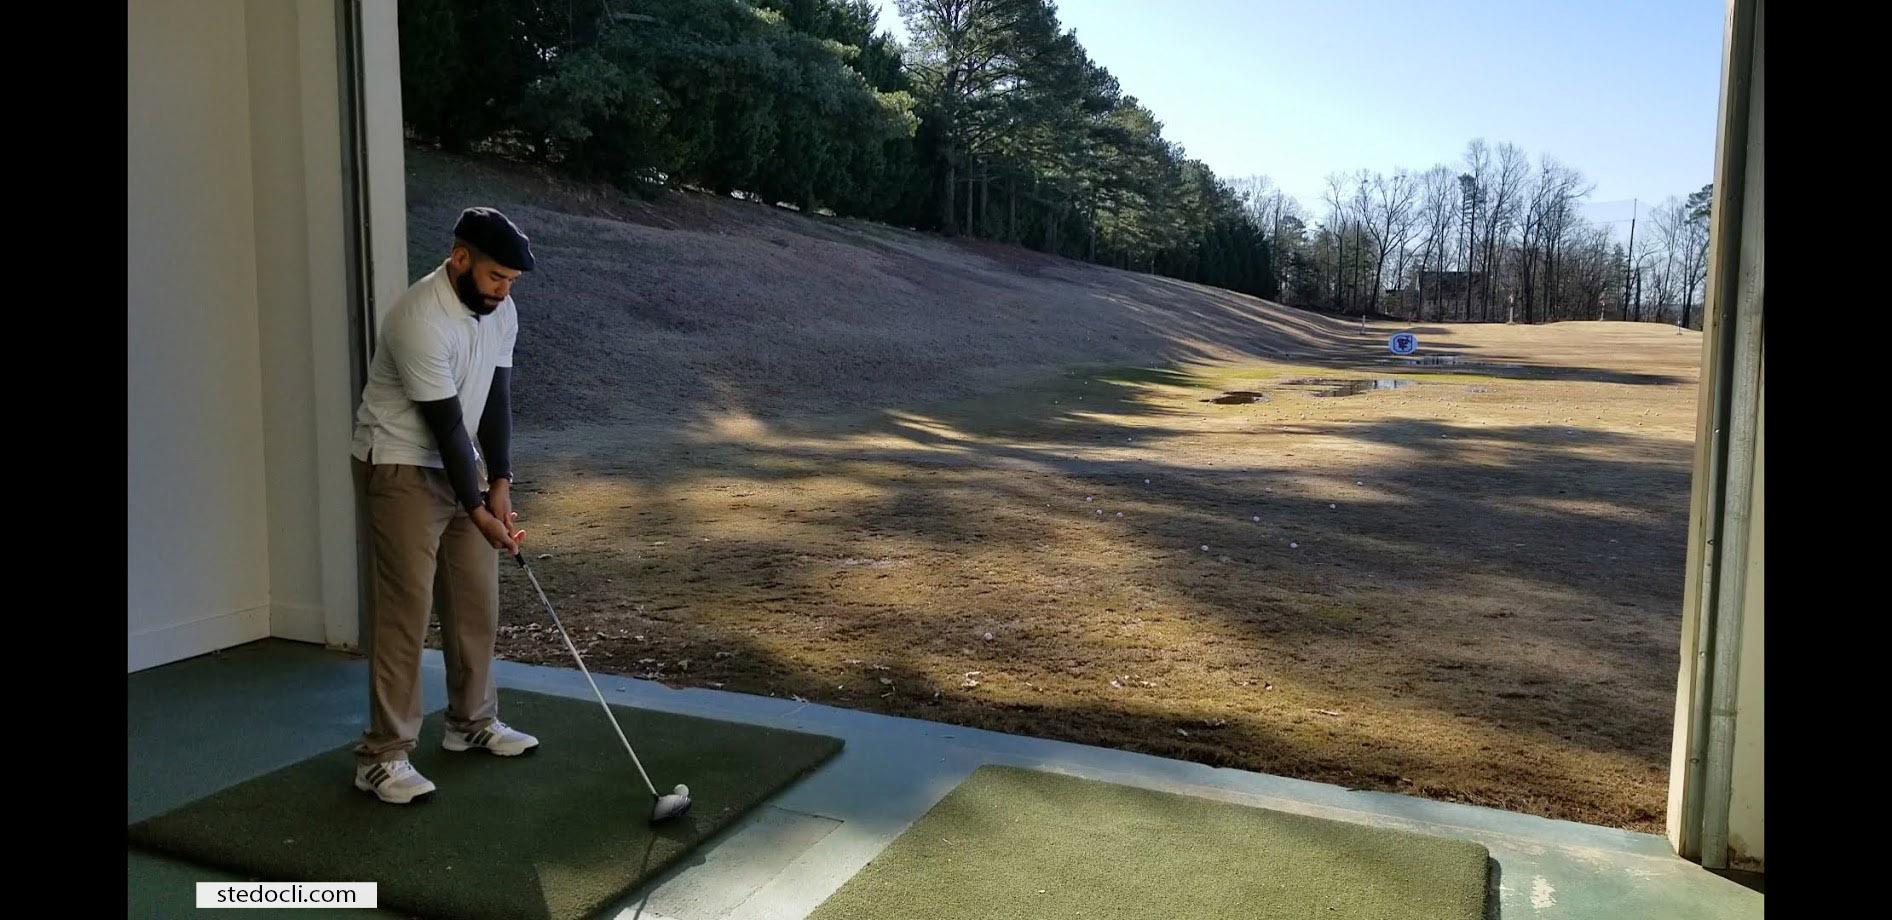 ste-do-cli-golfs-on-a-brisk-windy-day